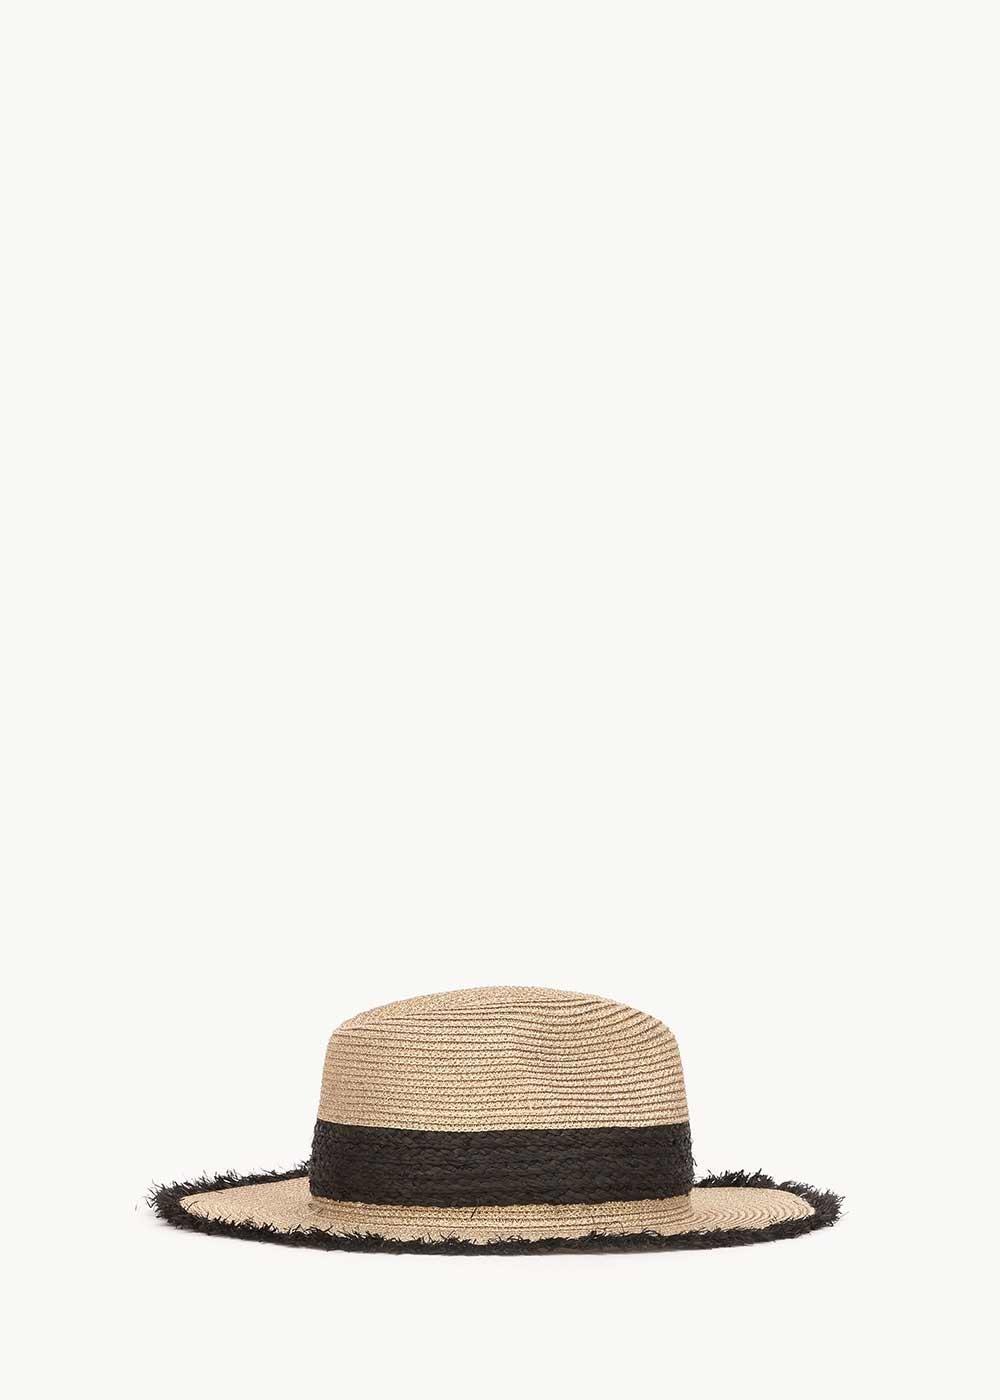 Cappello Cadys con fascia nera a contrasto - Light Beige - Donna